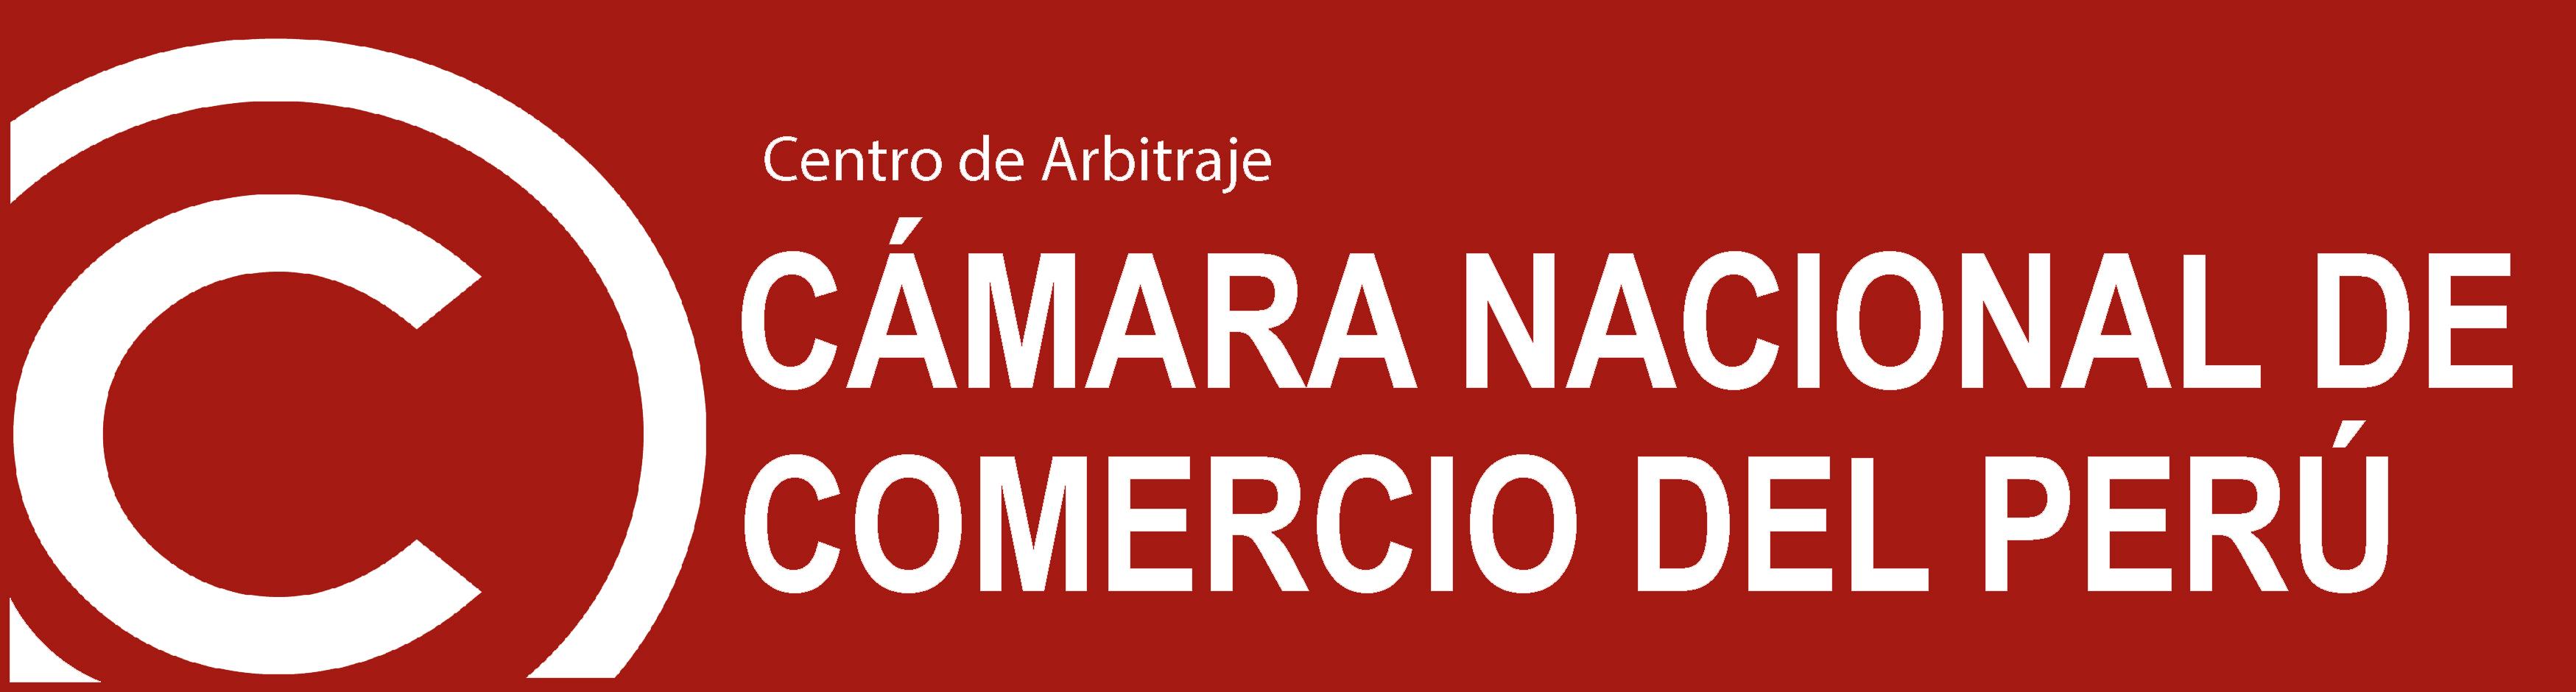 Camara Nacional